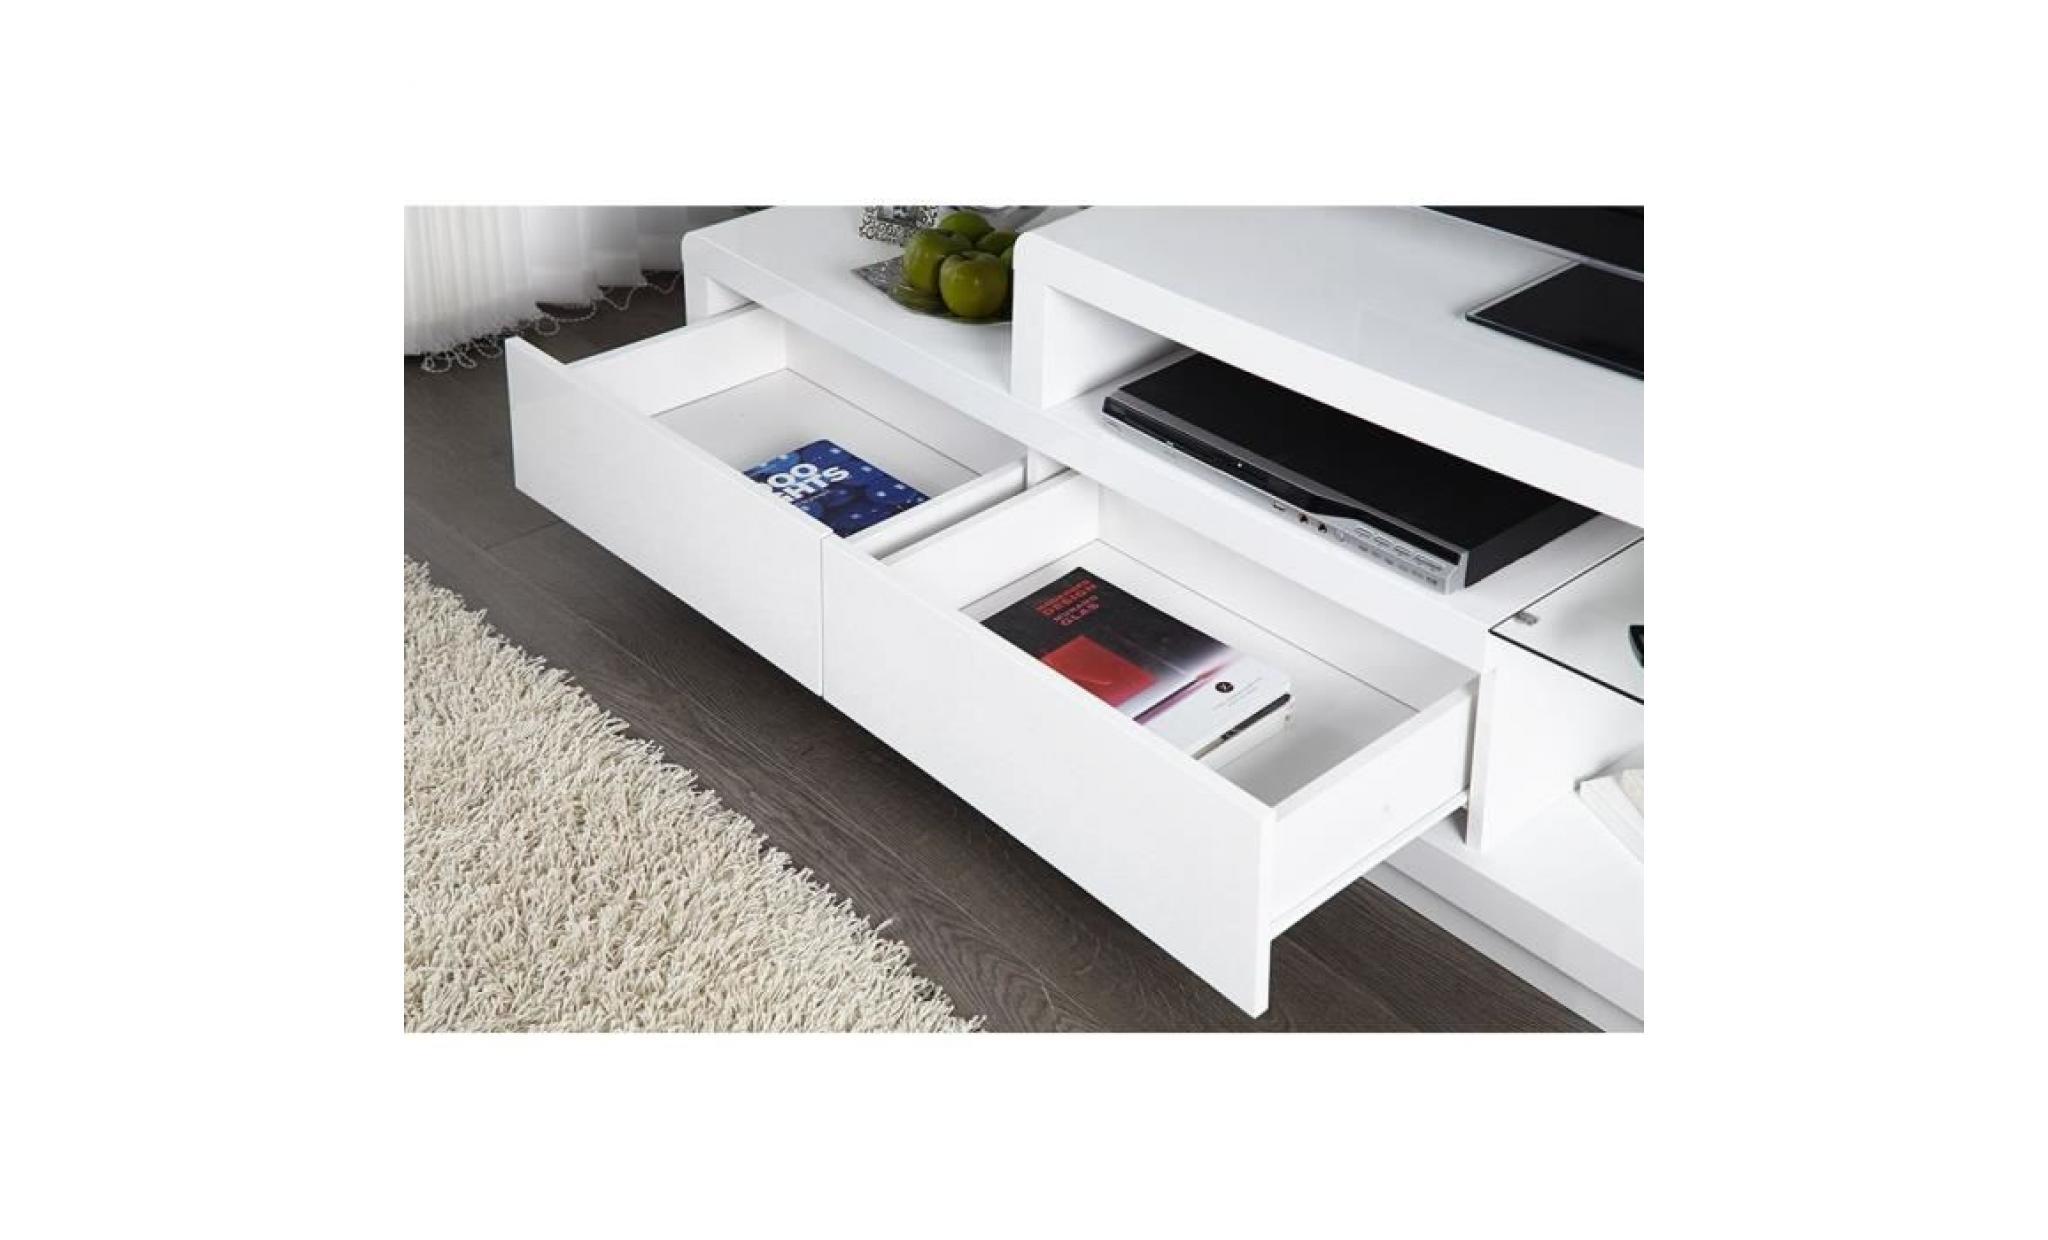 Meuble Tv Meuble De Salon Nels Blanc Laqu Led Achat Vente  # Meuble Tv Led Blanc Laque